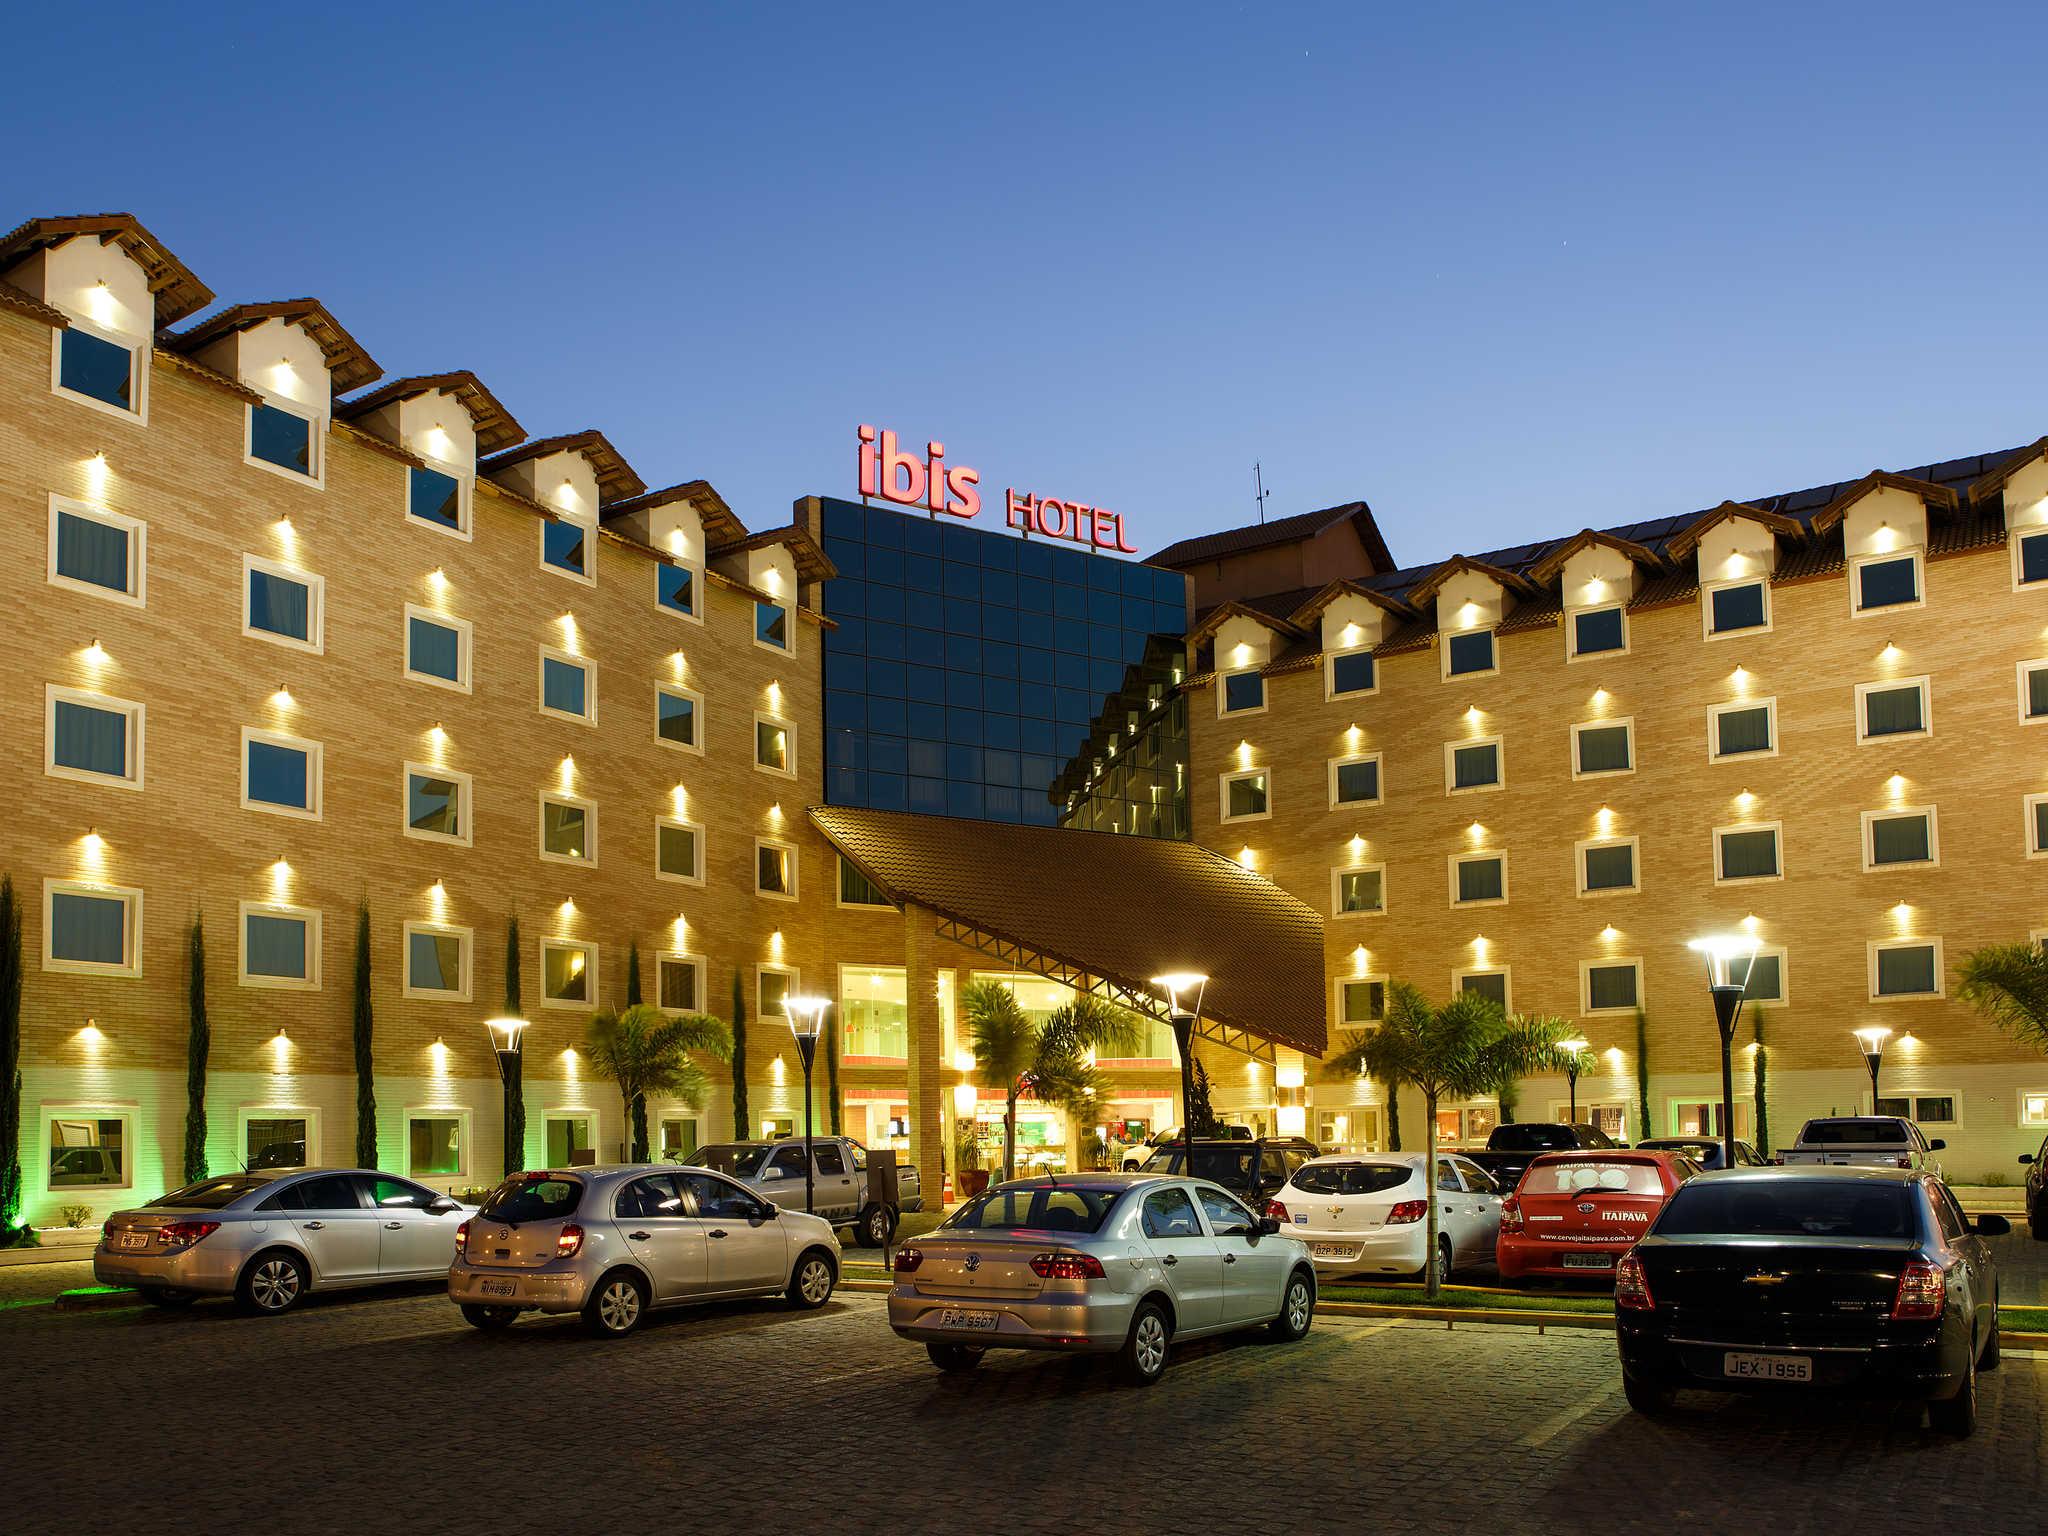 Hotel em vit ria da conquista ibis vit ria da conquista for Hotel jardines de uleta vitoria